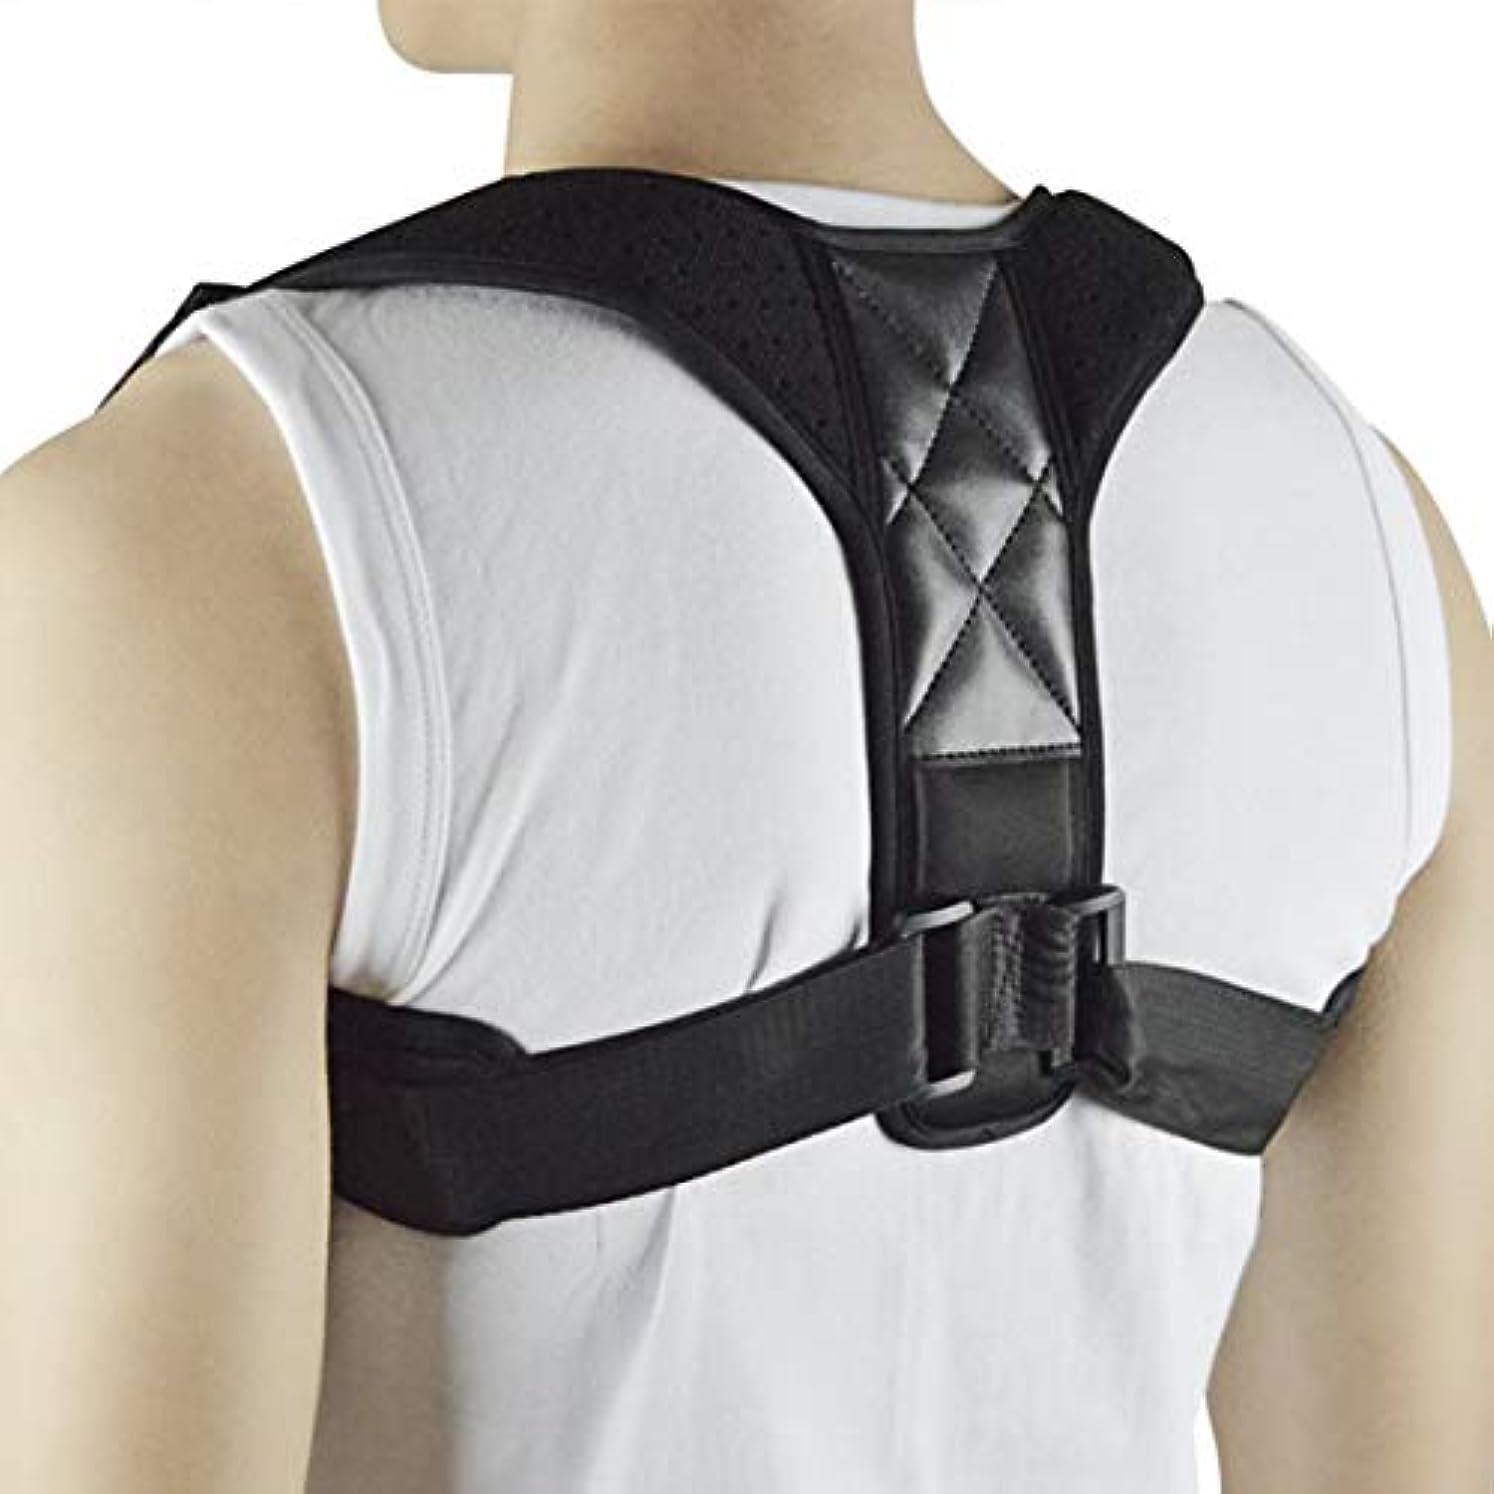 元に戻す薬用句読点WT-C734ザトウクジラ矯正ベルト大人の脊椎背部固定子の背部矯正 - 多色アドバンス